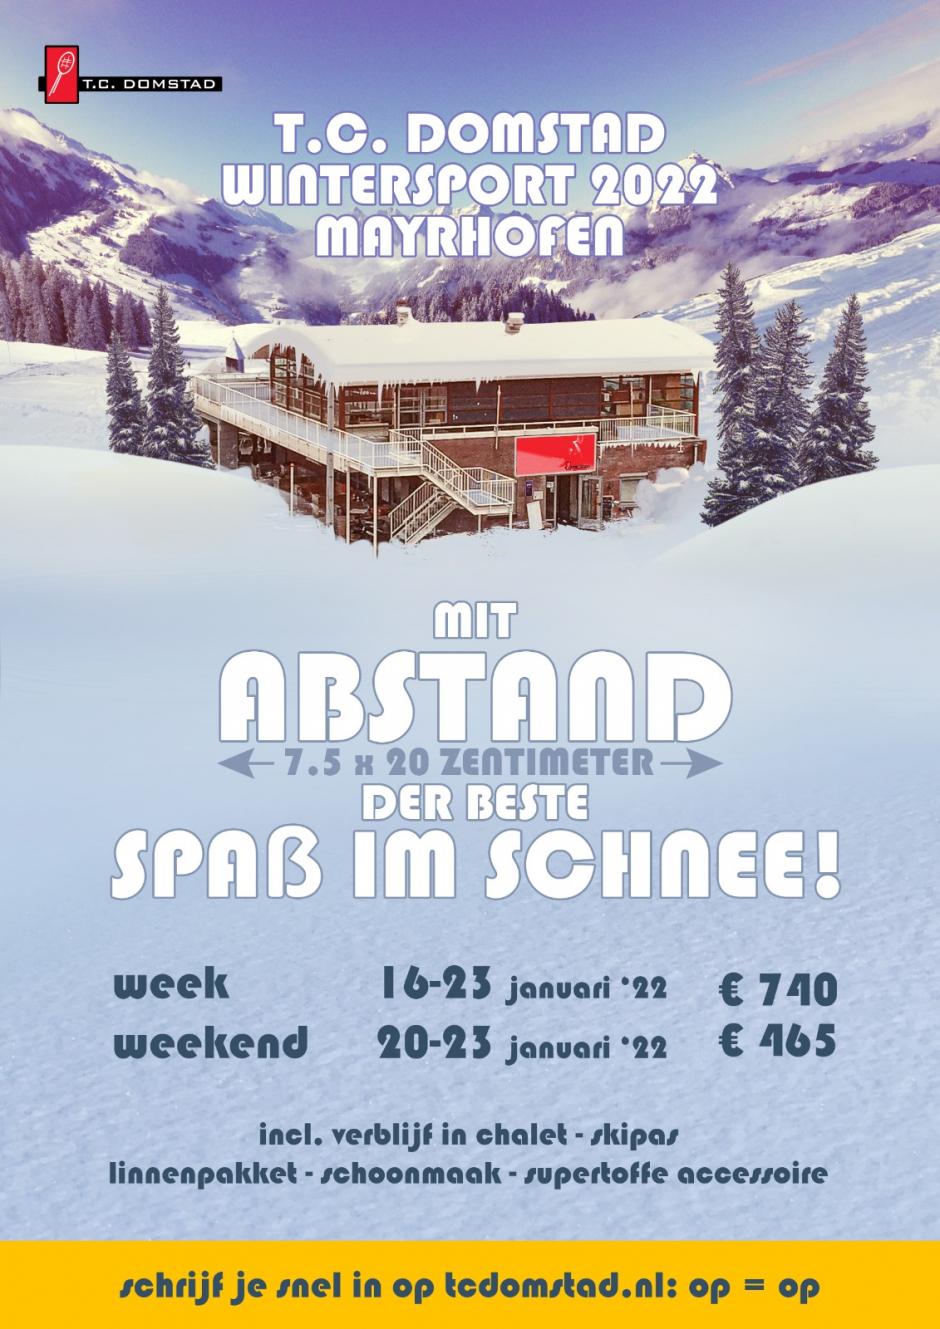 Flyer T.C. Domstad Wintersport 2022 Mayrhofen